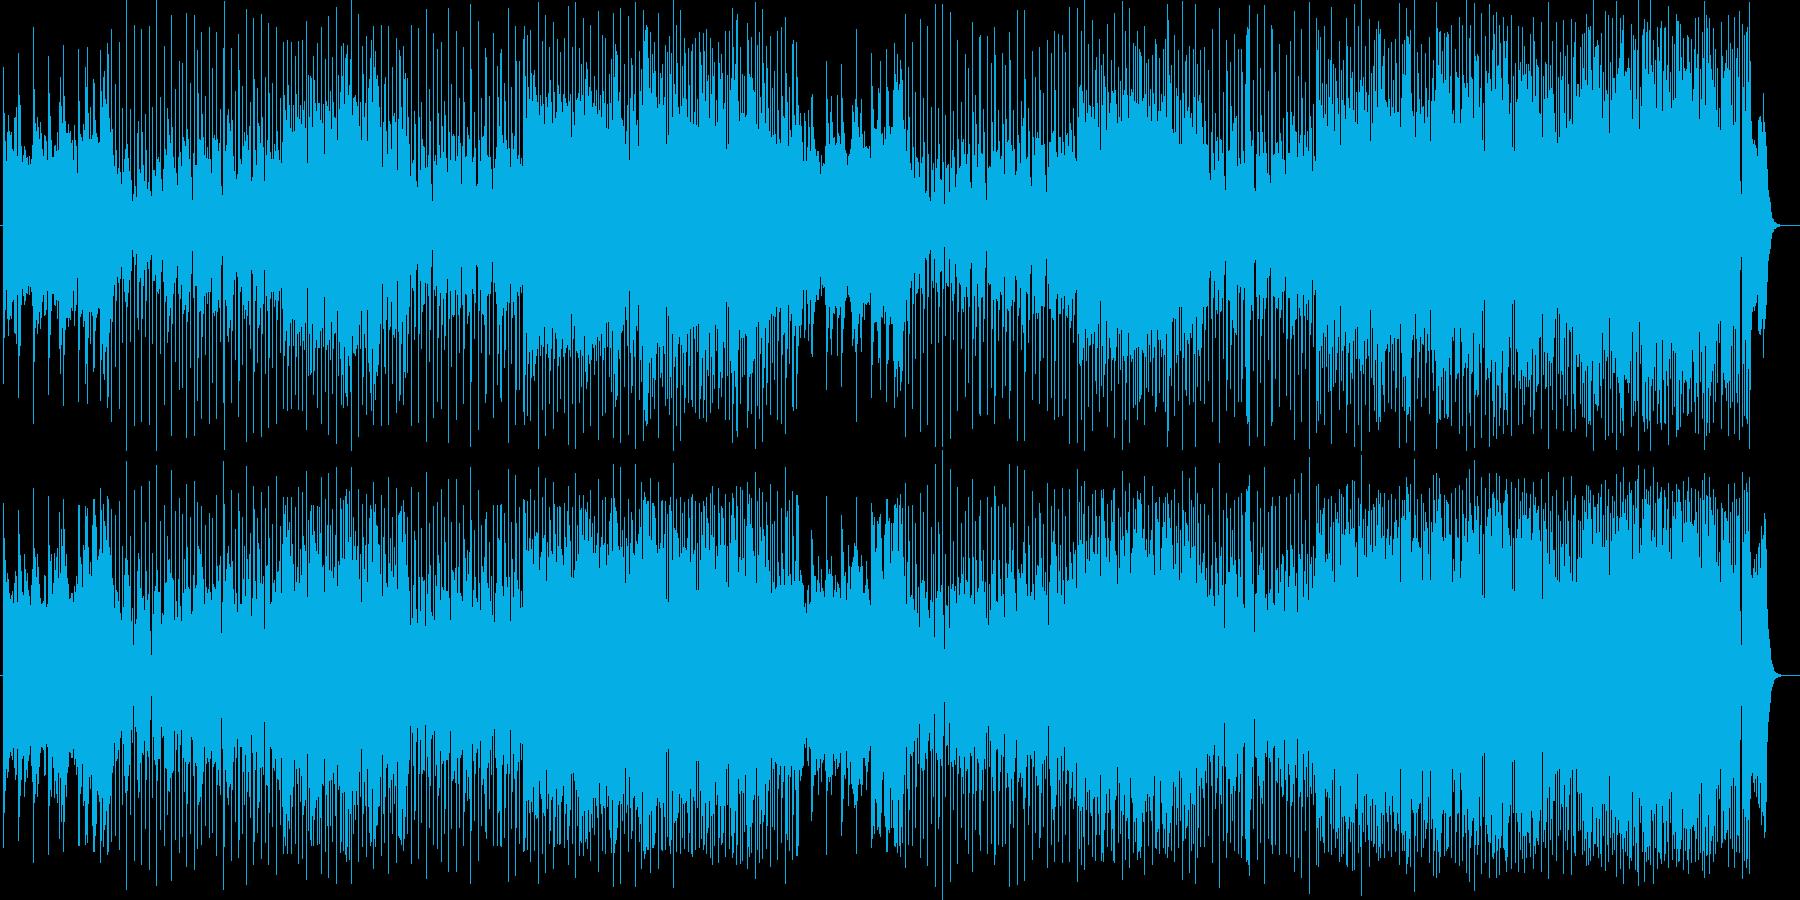 サックス入りのお洒落なフュージョンの再生済みの波形